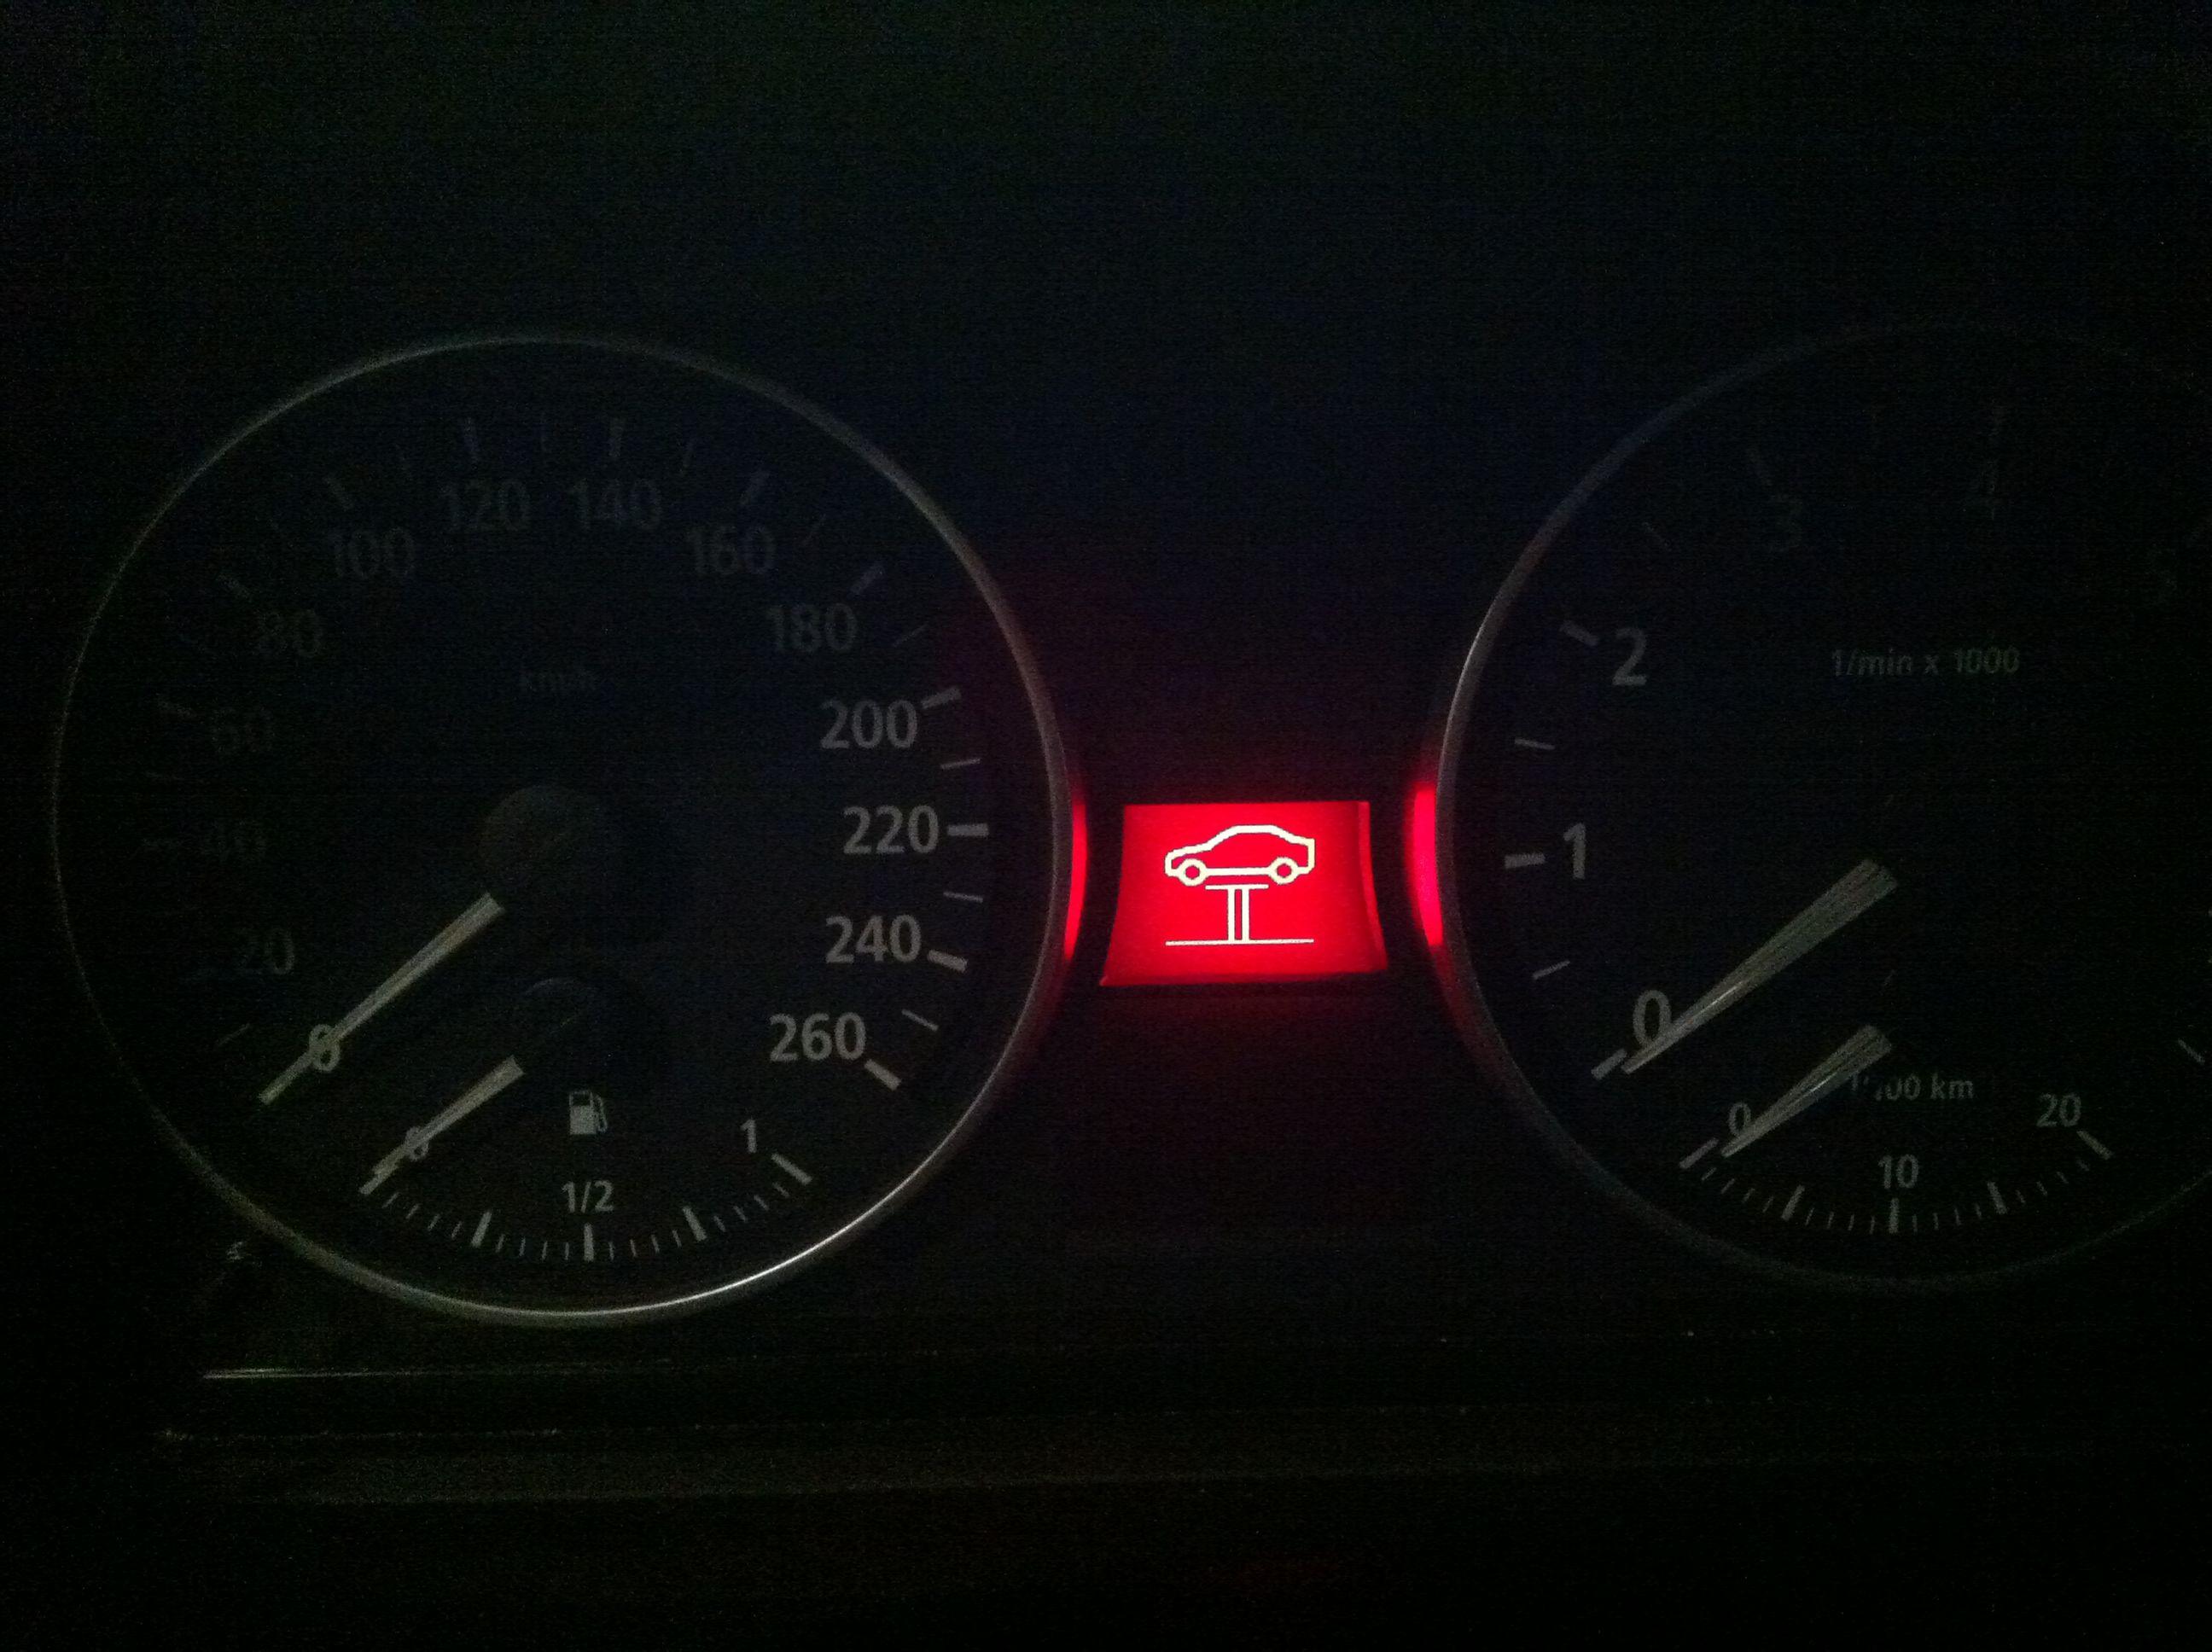 请问宝马大神,昨天车子仪表盘出现此图案的警示灯是神